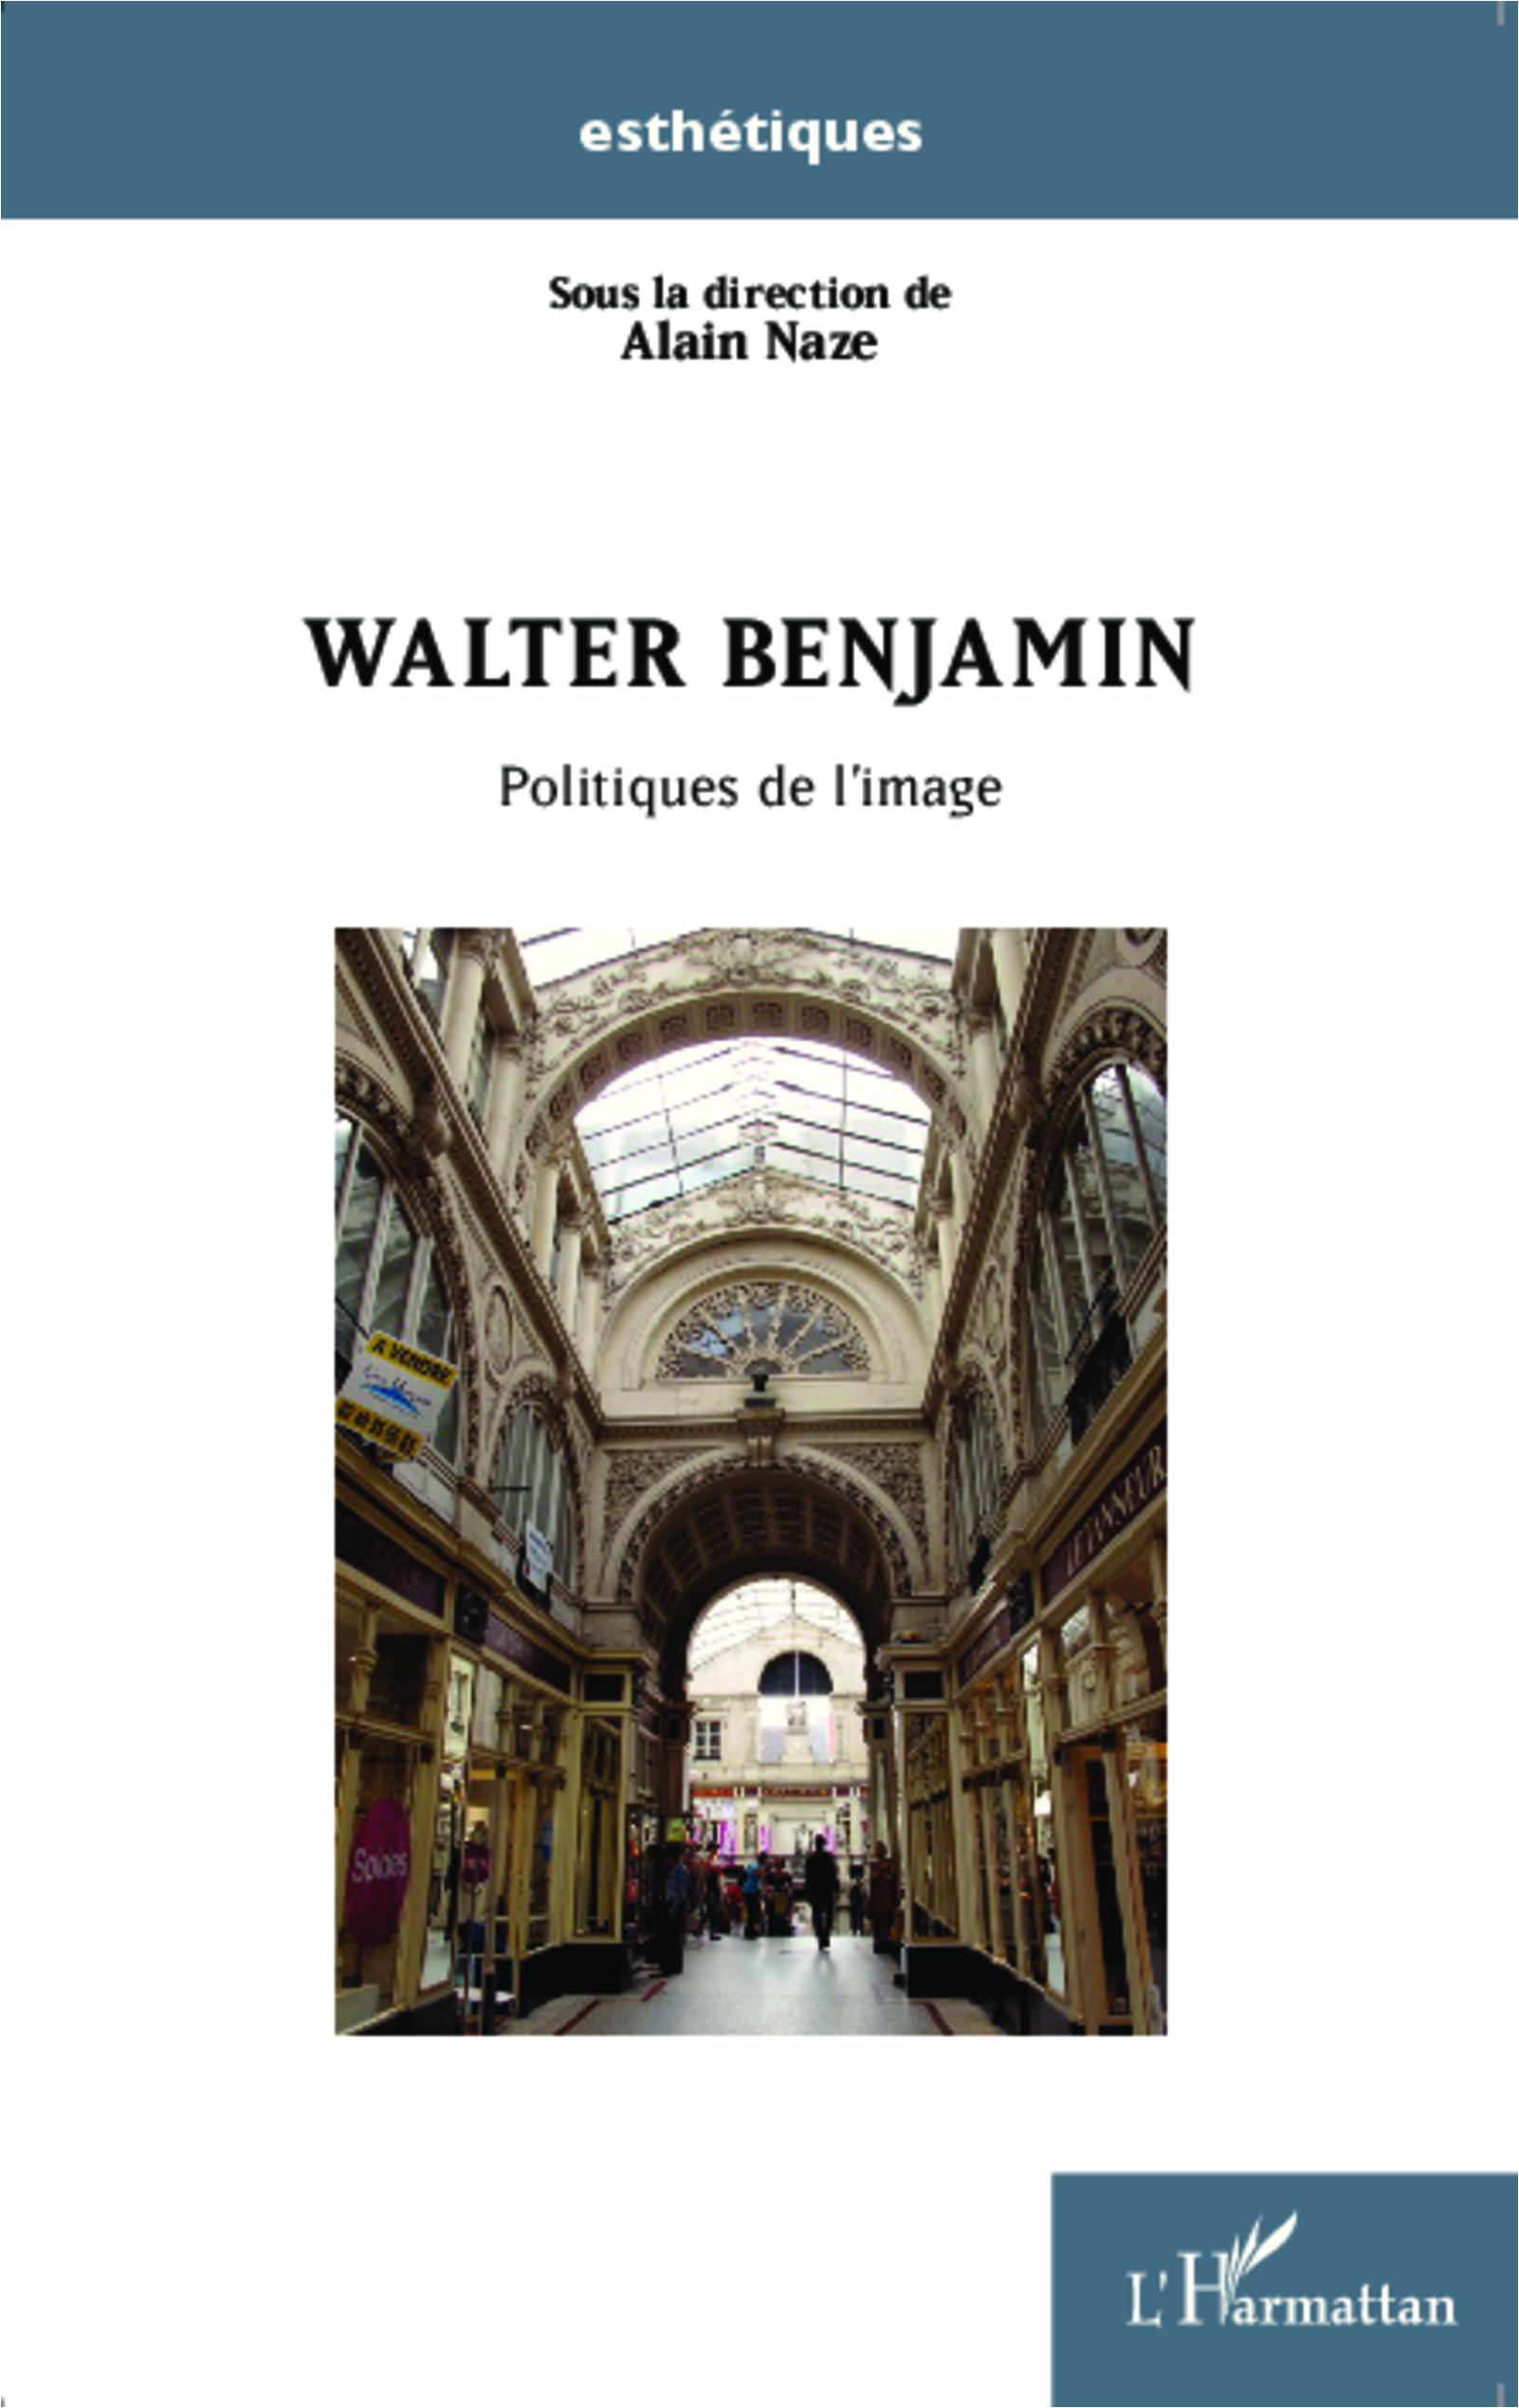 WALTER BENJAMIN POLITIQUES DE L'IMAGE